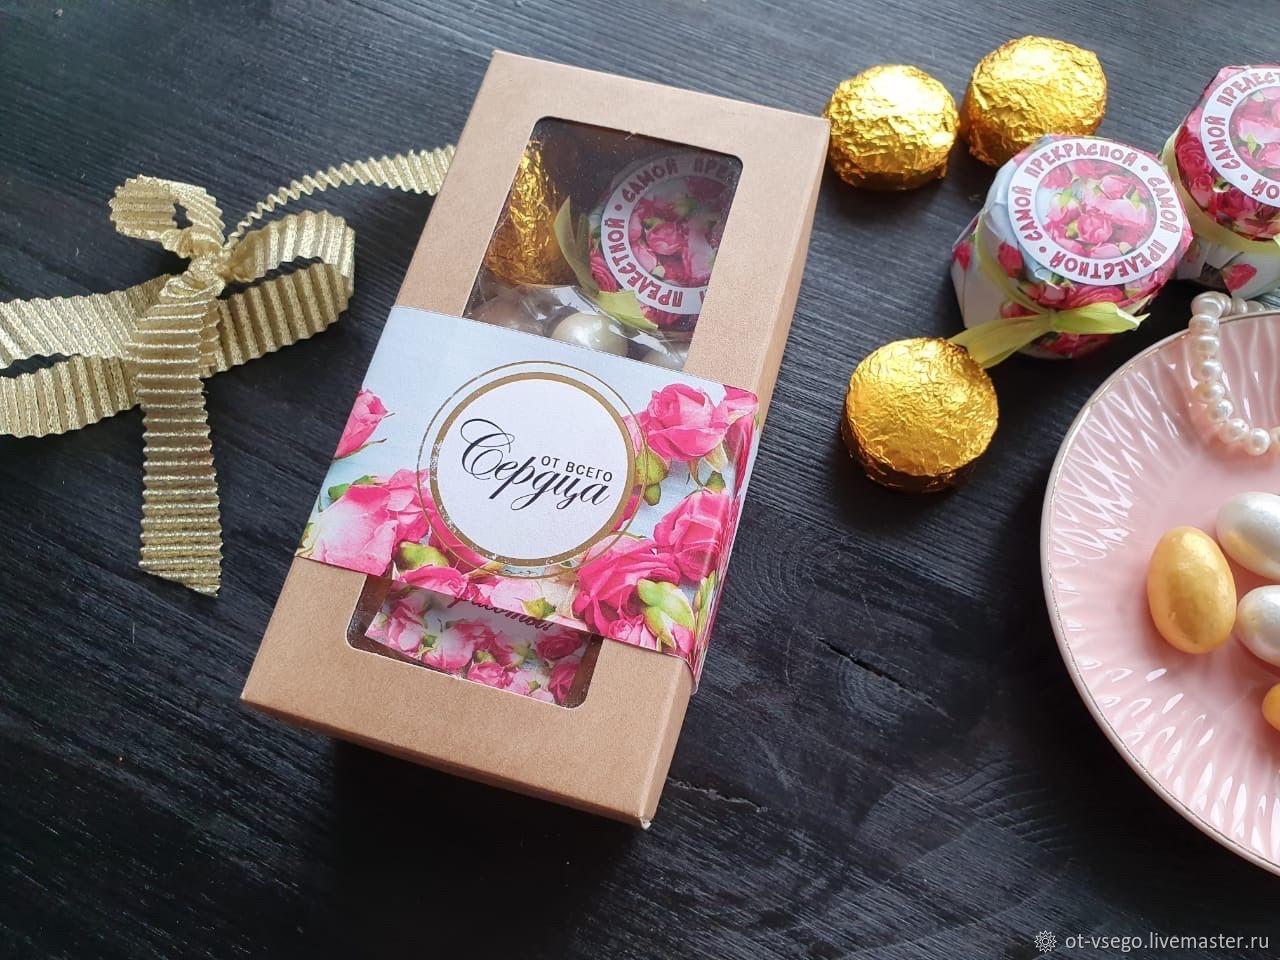 Подарочный набор  Самой прекрасной, Подарки на 8 марта, Санкт-Петербург,  Фото №1